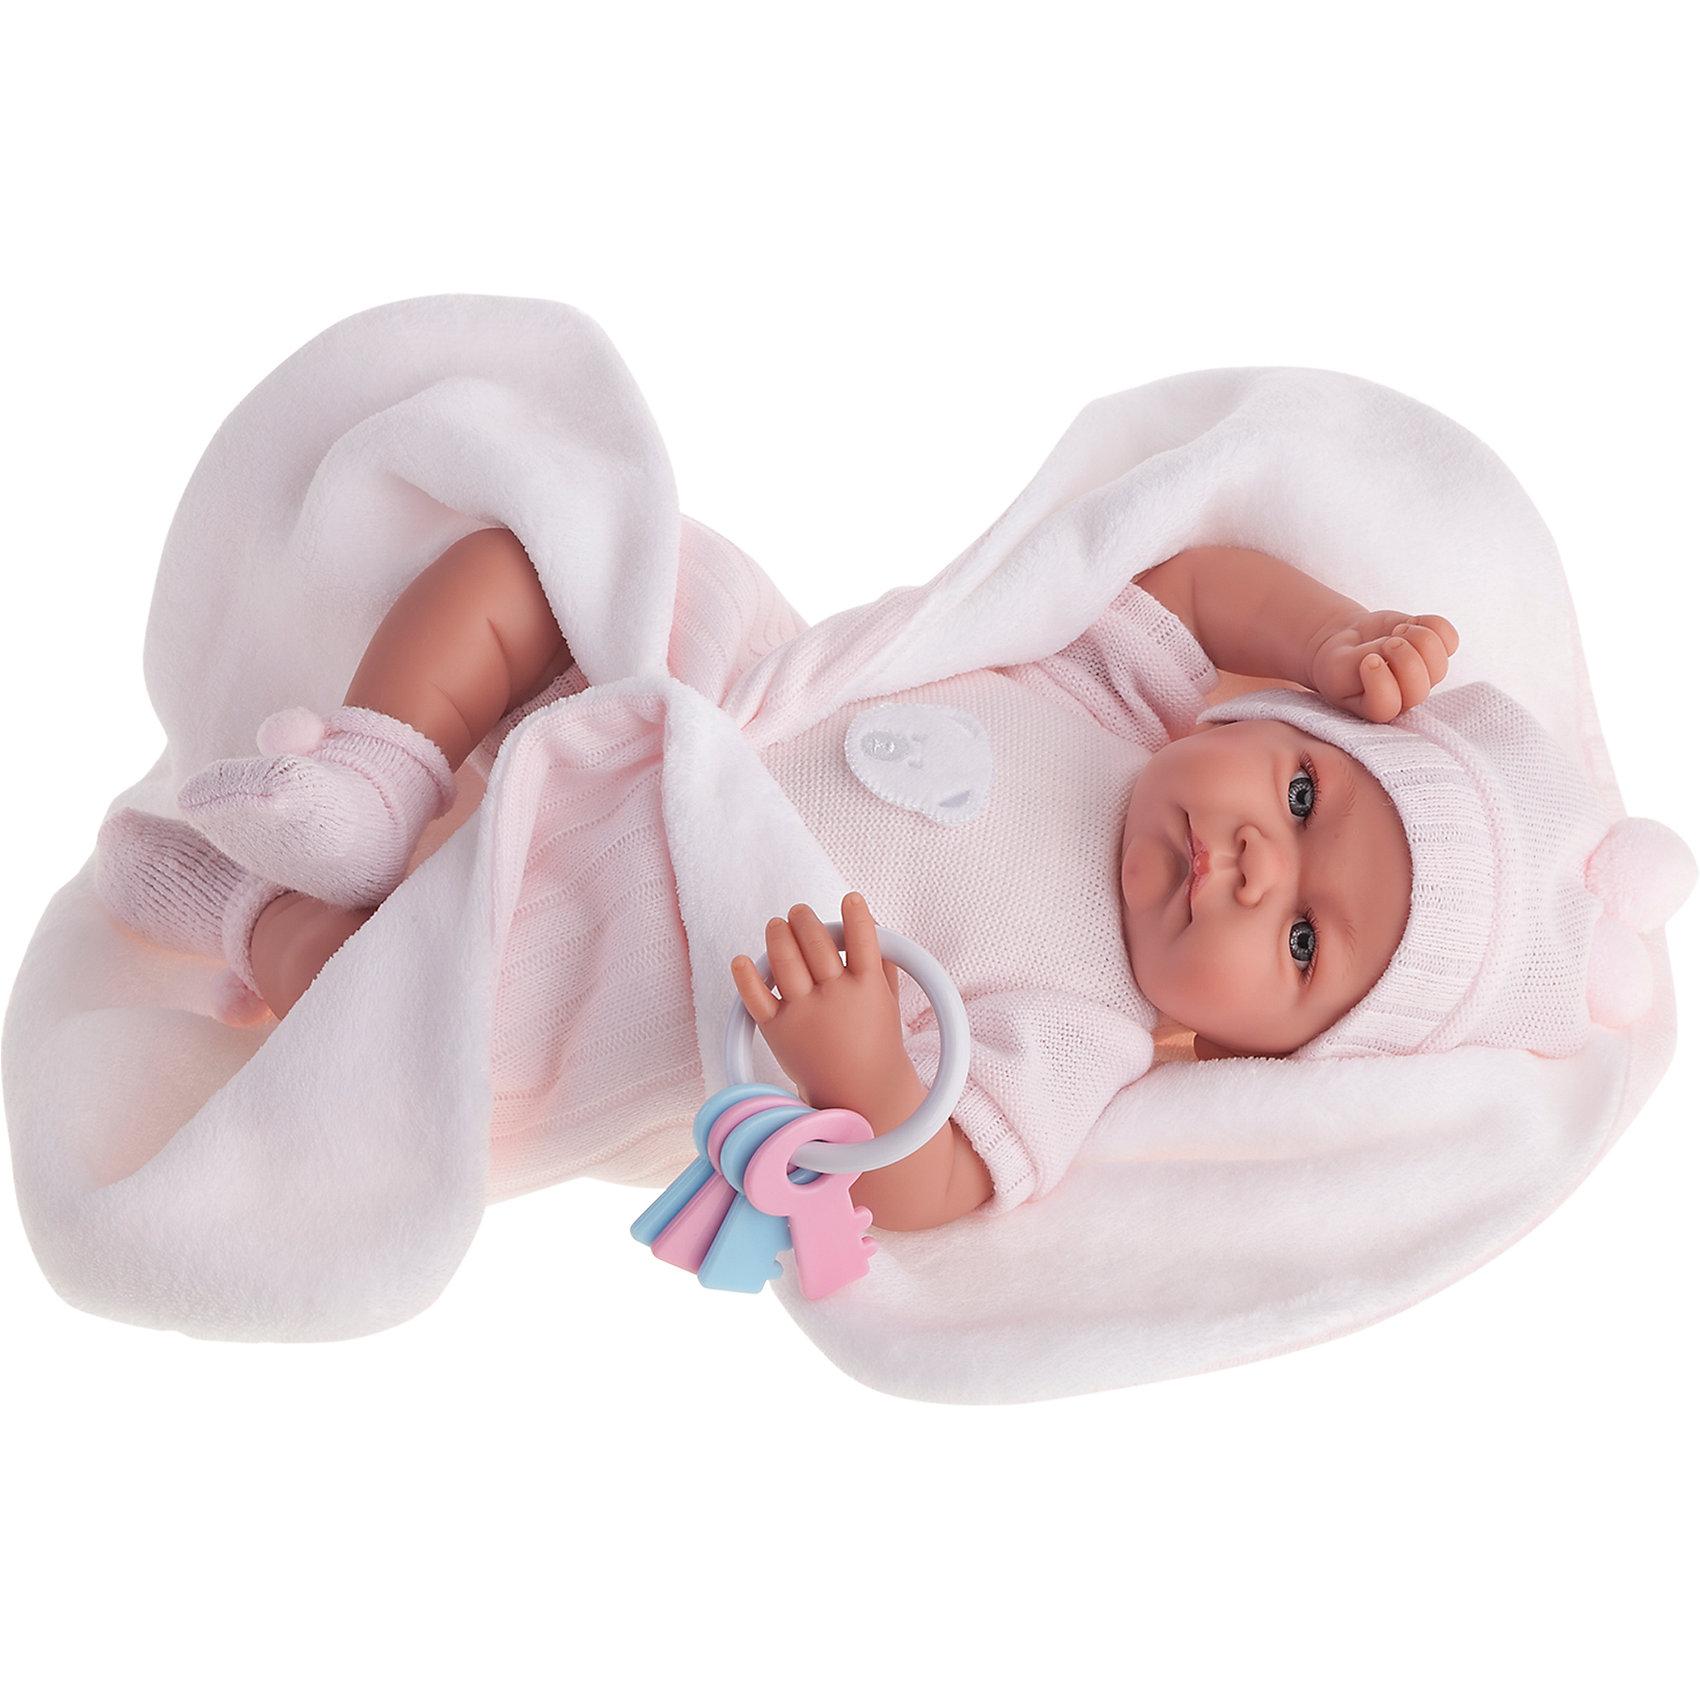 Кукла Фернанда в розовом, 40 см, Munecas Antonio JuanКукла Фернанда в розовом, 40 см, Munecas Antonio Juan (Мунекас Антонио Хуан).<br><br>Характеристики:<br><br>- Комплектация: кукла в одежде, одеяло, погремушка-ключики<br>- Материал: винил, текстиль<br>- Высота куклы: 40 см.<br>- Глаза не закрываются<br>- Интерактивные функции куклы: нажмите на животик: - 1 раз - кукла засмеется, 2ой раз - кукла скажет мама, 3ий раз - скажет папа<br>- Батарейки: 3 x AG13 / LR44 (входят в комплект)<br>- Упаковка: яркая подарочная коробка<br><br>Малышка Фернанда невероятно похожа на настоящего младенца. Анатомическая точность, с которой выполнена кукла, поражает! Выразительные глазки, маленький носик, нежные щечки, пухлые губки, милые «перевязочки» на ручках и ножках придают кукле реалистичный вид и вызывают только самые положительные и добрые эмоции. Фернанда одета в розовый костюмчик с аппликацией в виде мишки, дополненного шапочкой с помпончиками, на ногах - мягкие пинетки с помпончиками. В комплекте также предусмотрена одеяло и погремушка с разноцветными ключиками, нанизанными на колечко. Кукла оснащена звуковым модулем, если нажать на животик Фернанда засмеется или позовет маму или папу. Тельце у куклы мягко-набивное, голова, ручки и ножки сделаны из высококачественного винила. Голова, ручки и ножки подвижны. Кукла изготовлена из высококачественных и экологически чистых материалов, поэтому безопасна для детей любого возраста, соответствует всем нормам и требованиям к качеству детских товаров. Образы малышей Мунекас разработаны известными европейскими дизайнерами. Они натуралистичны, анатомически точны.<br><br>Куклу Фернанда в розовом, 40 см, Munecas Antonio Juan (Мунекас Антонио Хуан) можно купить в нашем интернет-магазине.<br><br>Ширина мм: 50<br>Глубина мм: 26<br>Высота мм: 16<br>Вес г: 1650<br>Возраст от месяцев: 36<br>Возраст до месяцев: 2147483647<br>Пол: Женский<br>Возраст: Детский<br>SKU: 5055417